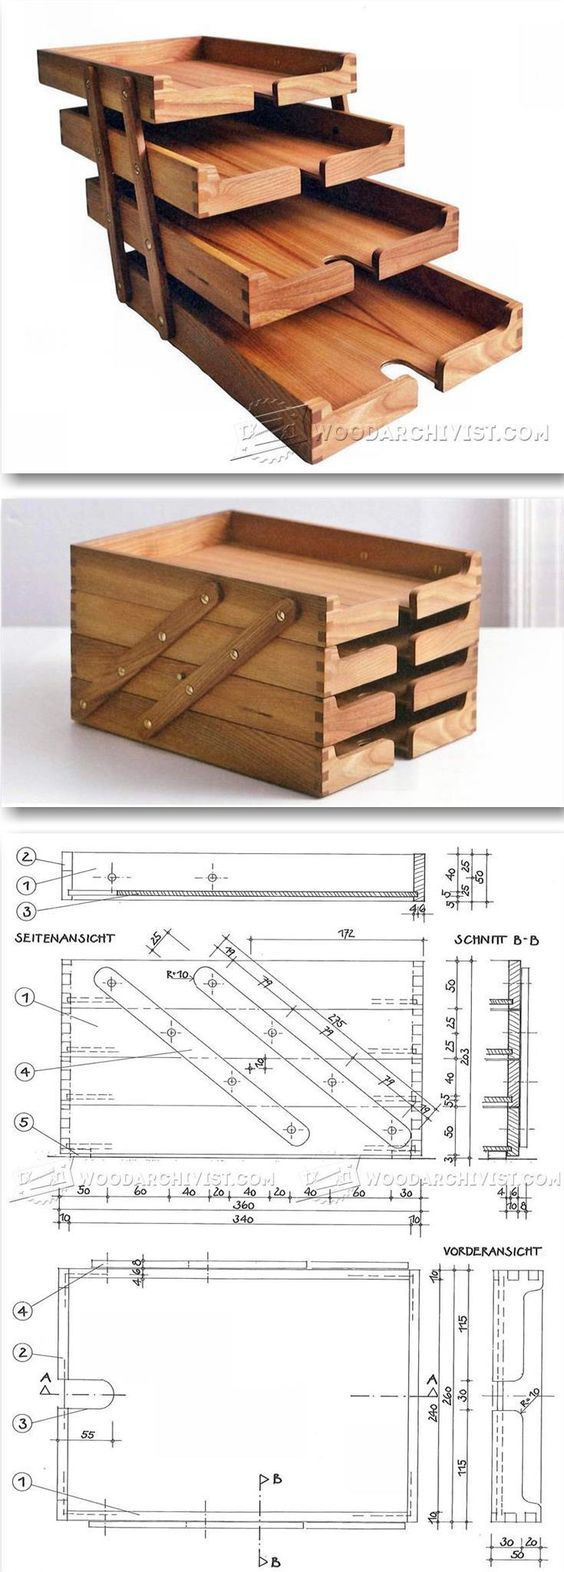 Viele viele Bauanleitungen aus Holz für:    Schatullen Stifte-/Briefhalter uvam. TOLL! ! ! !  Wooden Desk Tray Plans - Woodworking Plans and Projects | WoodArchivist.com